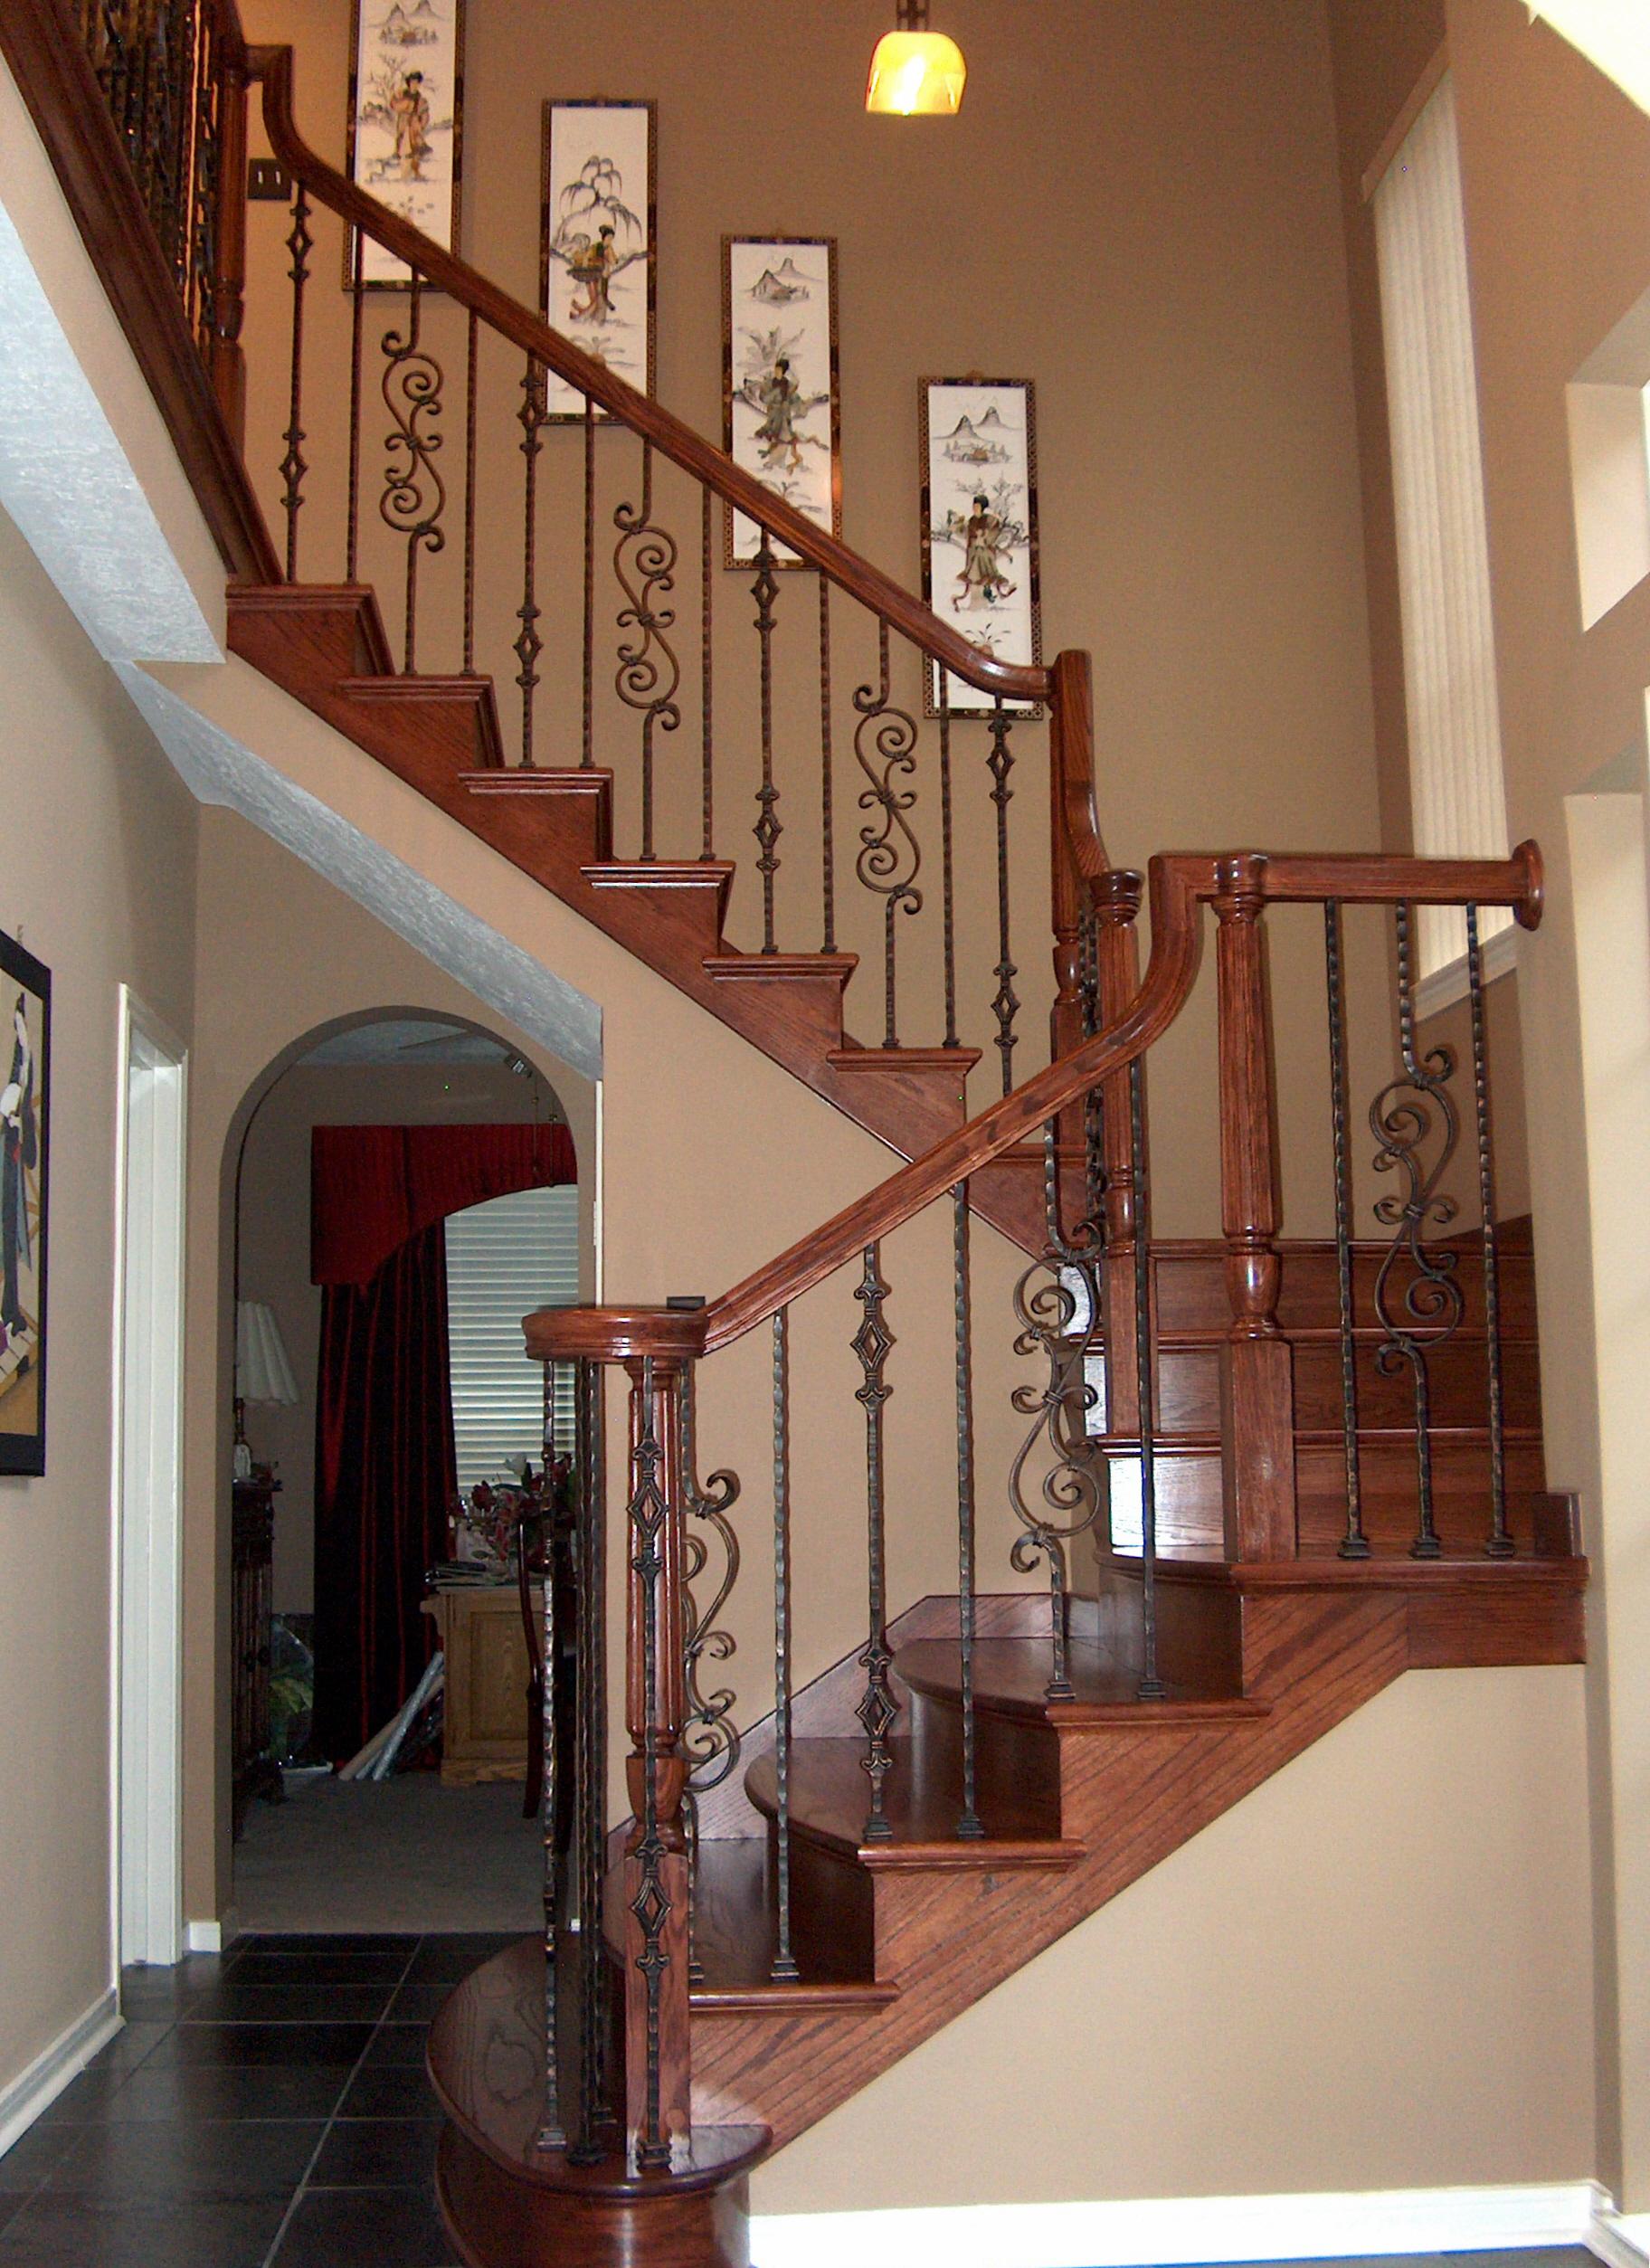 Kirn stair